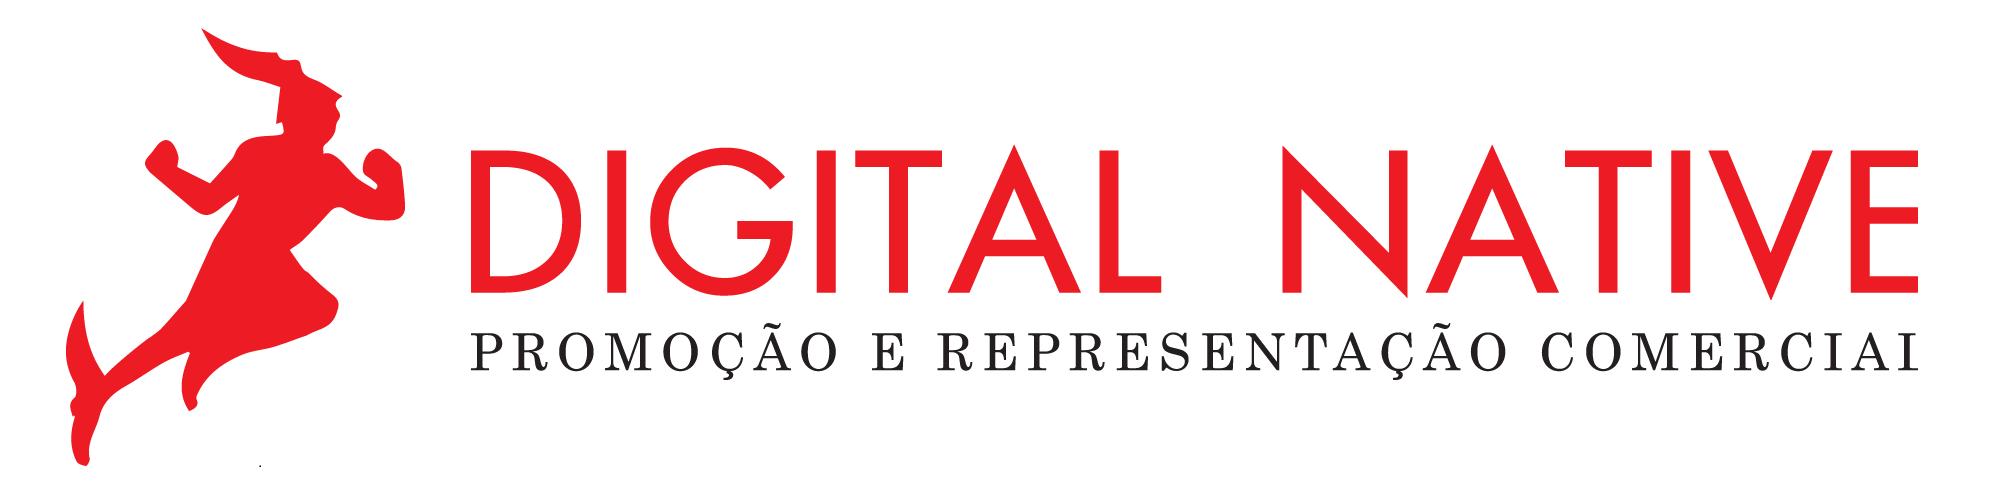 c4429_digital_native_logo_jc2_redduz